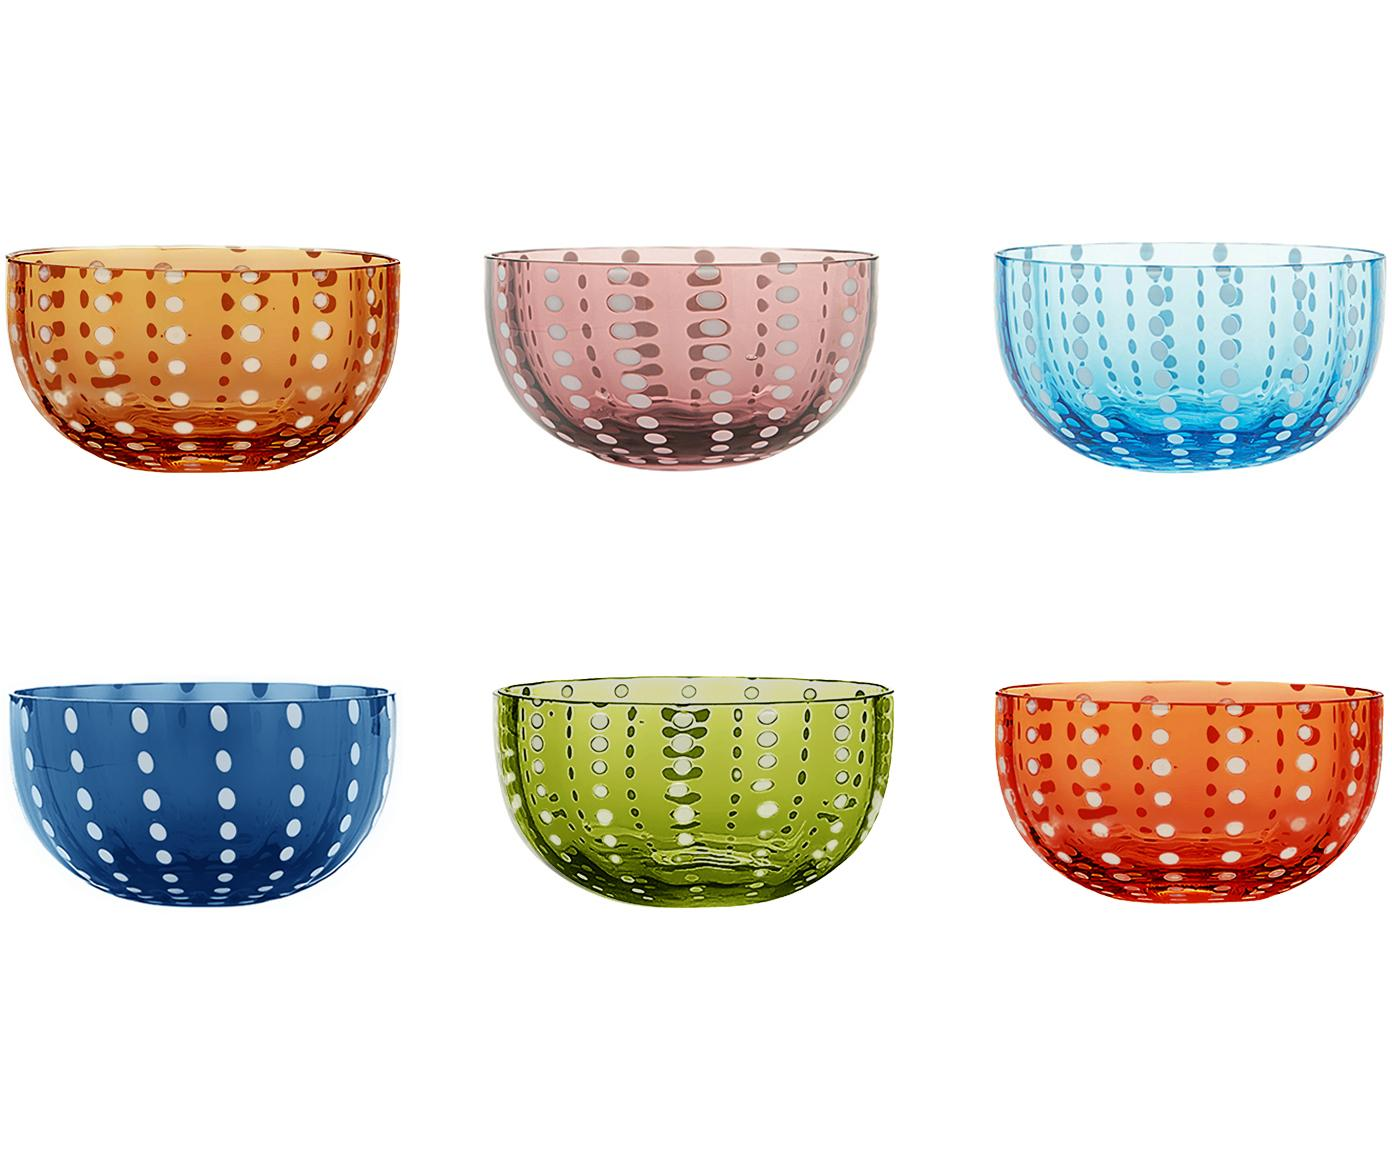 Komplet misek ze szkła dmuchanego Perle, 6 elem., Szkło, Transparentny, biały, morski, odcienie bursztynowego, pastelowy fiolet, niebiesk, Ø 12 x W 6 cm